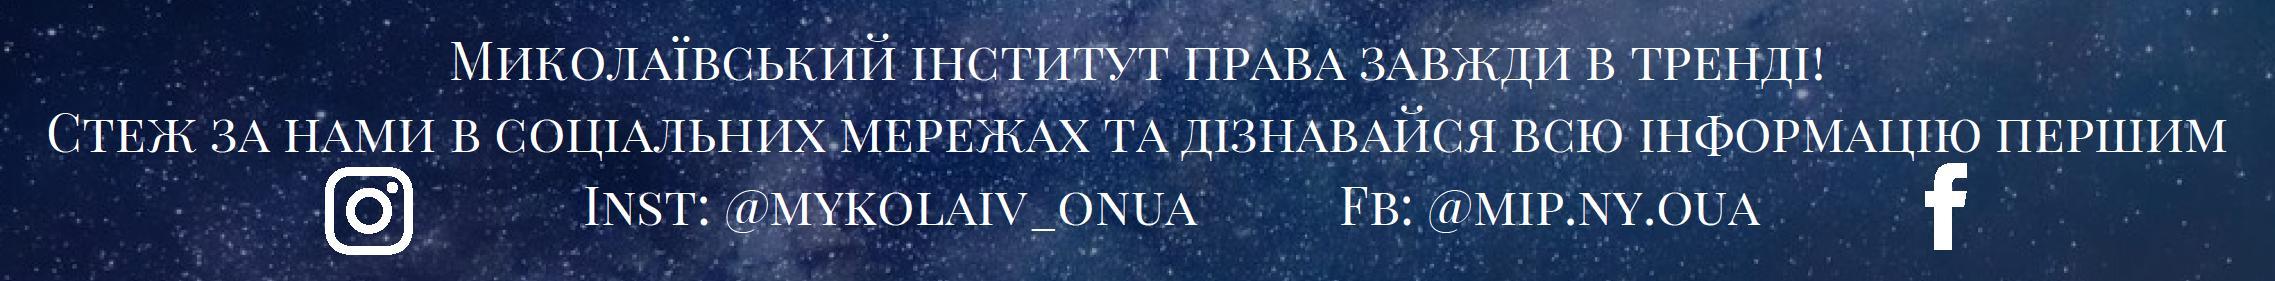 Миколаївський інститут права Національного університету _Одеська юридична академія_ (2) - 0002